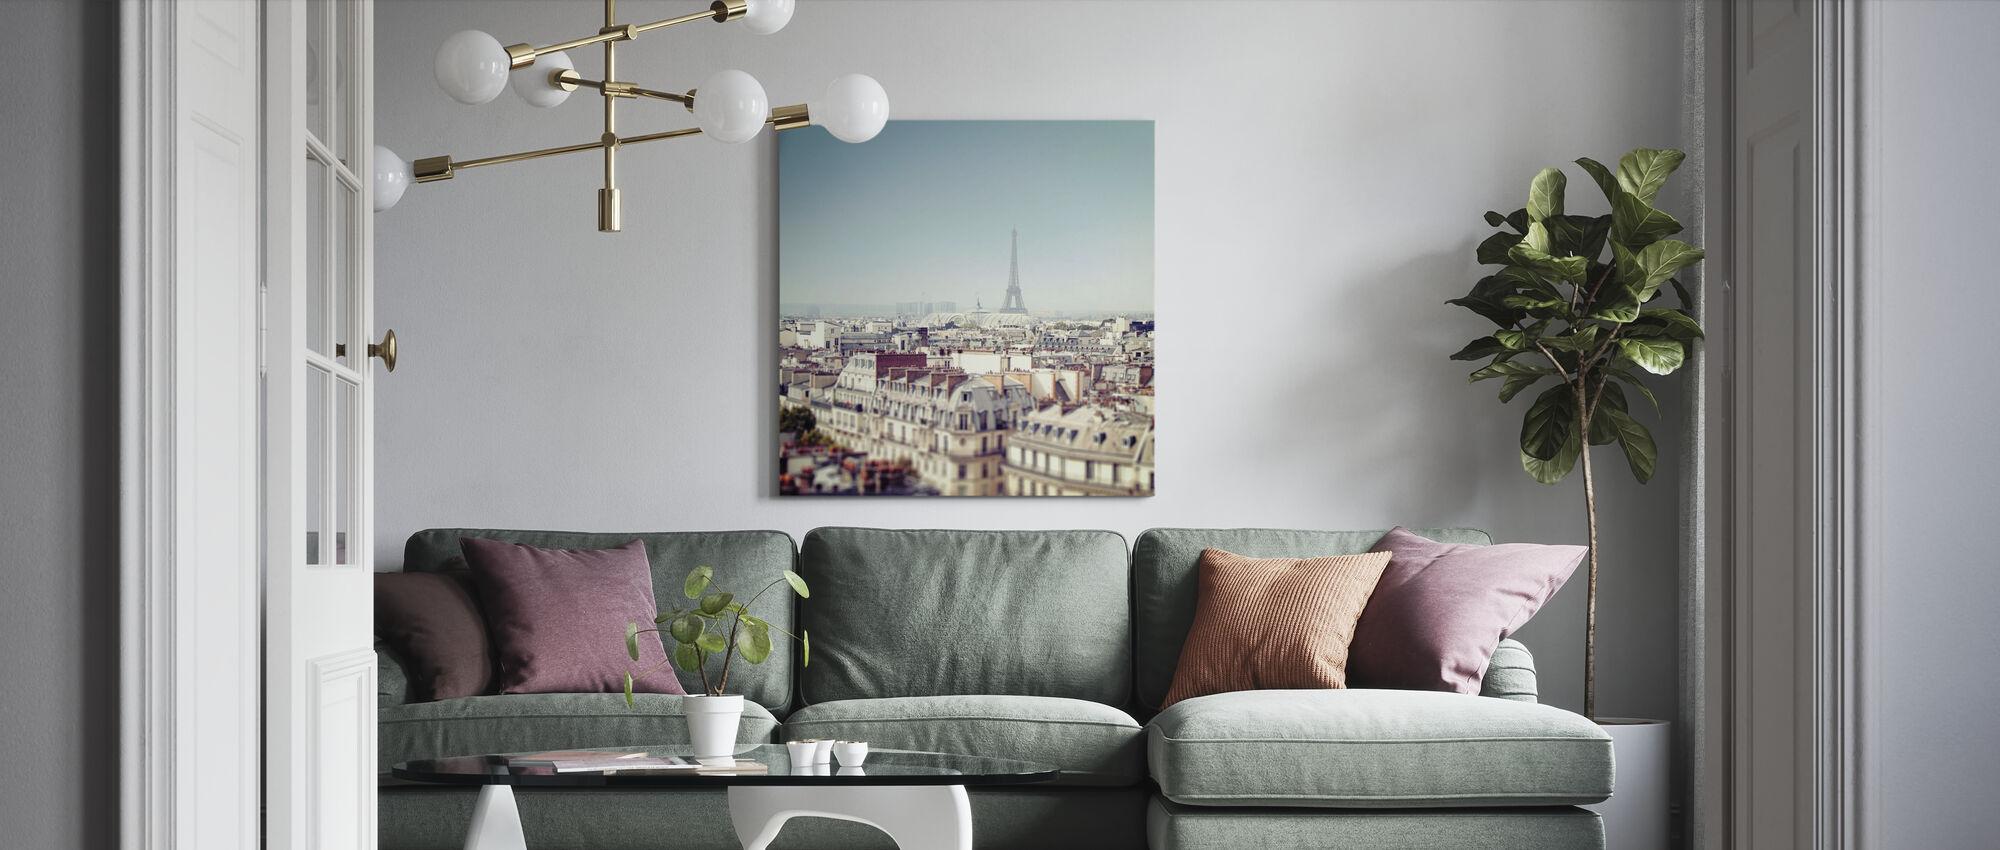 Paris Moments VI - Canvas print - Living Room